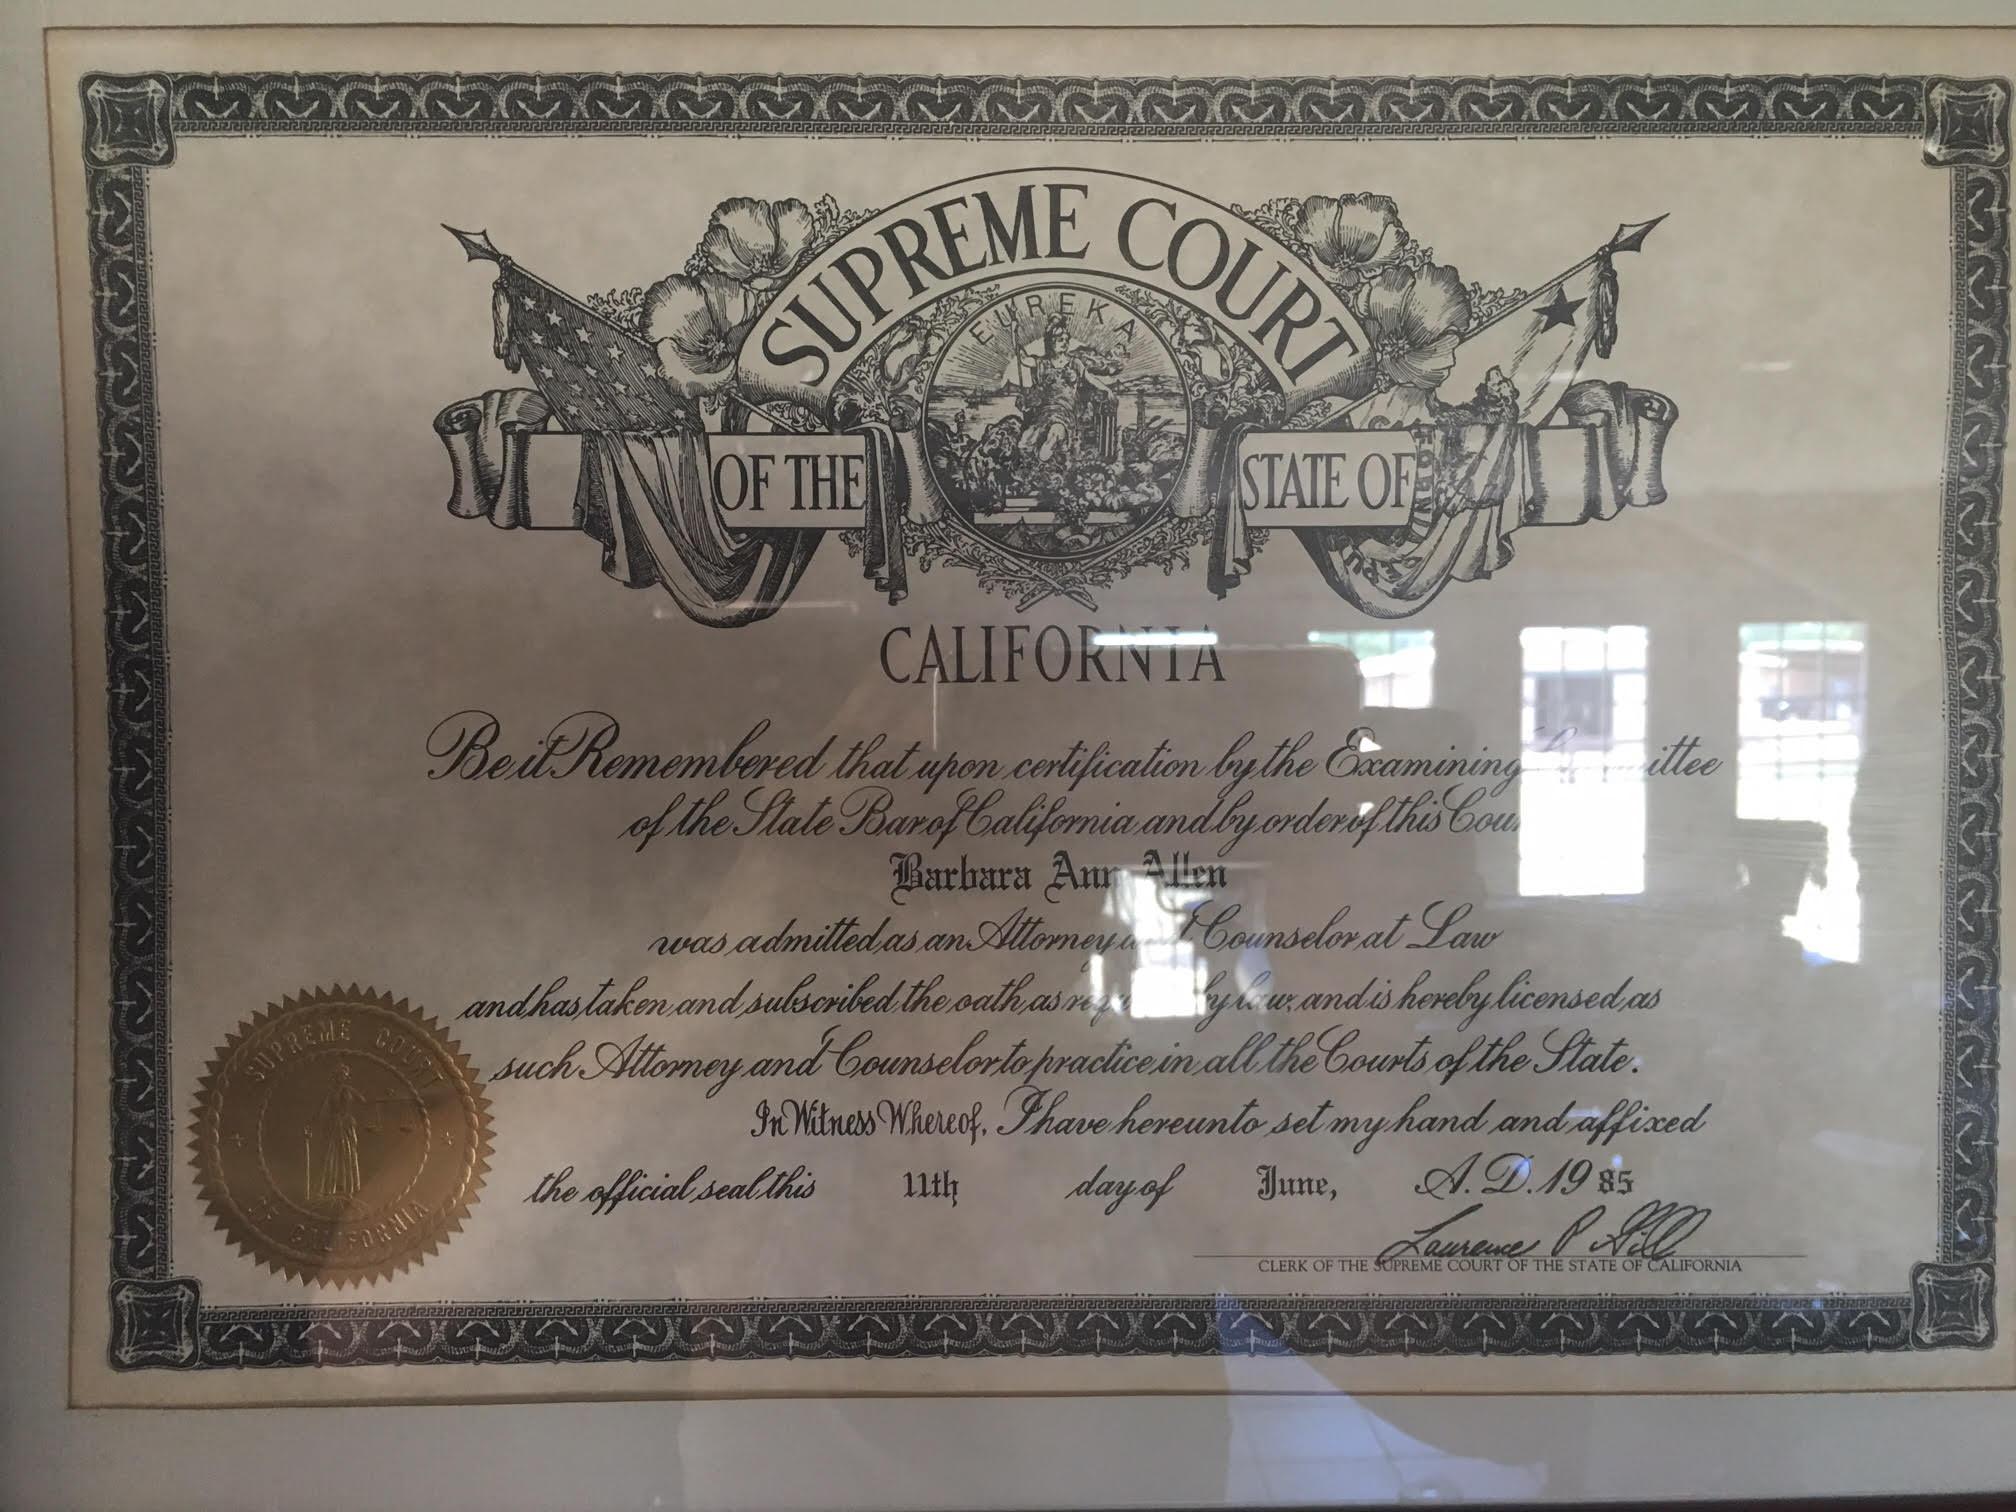 Bar-certificate-for-barbara